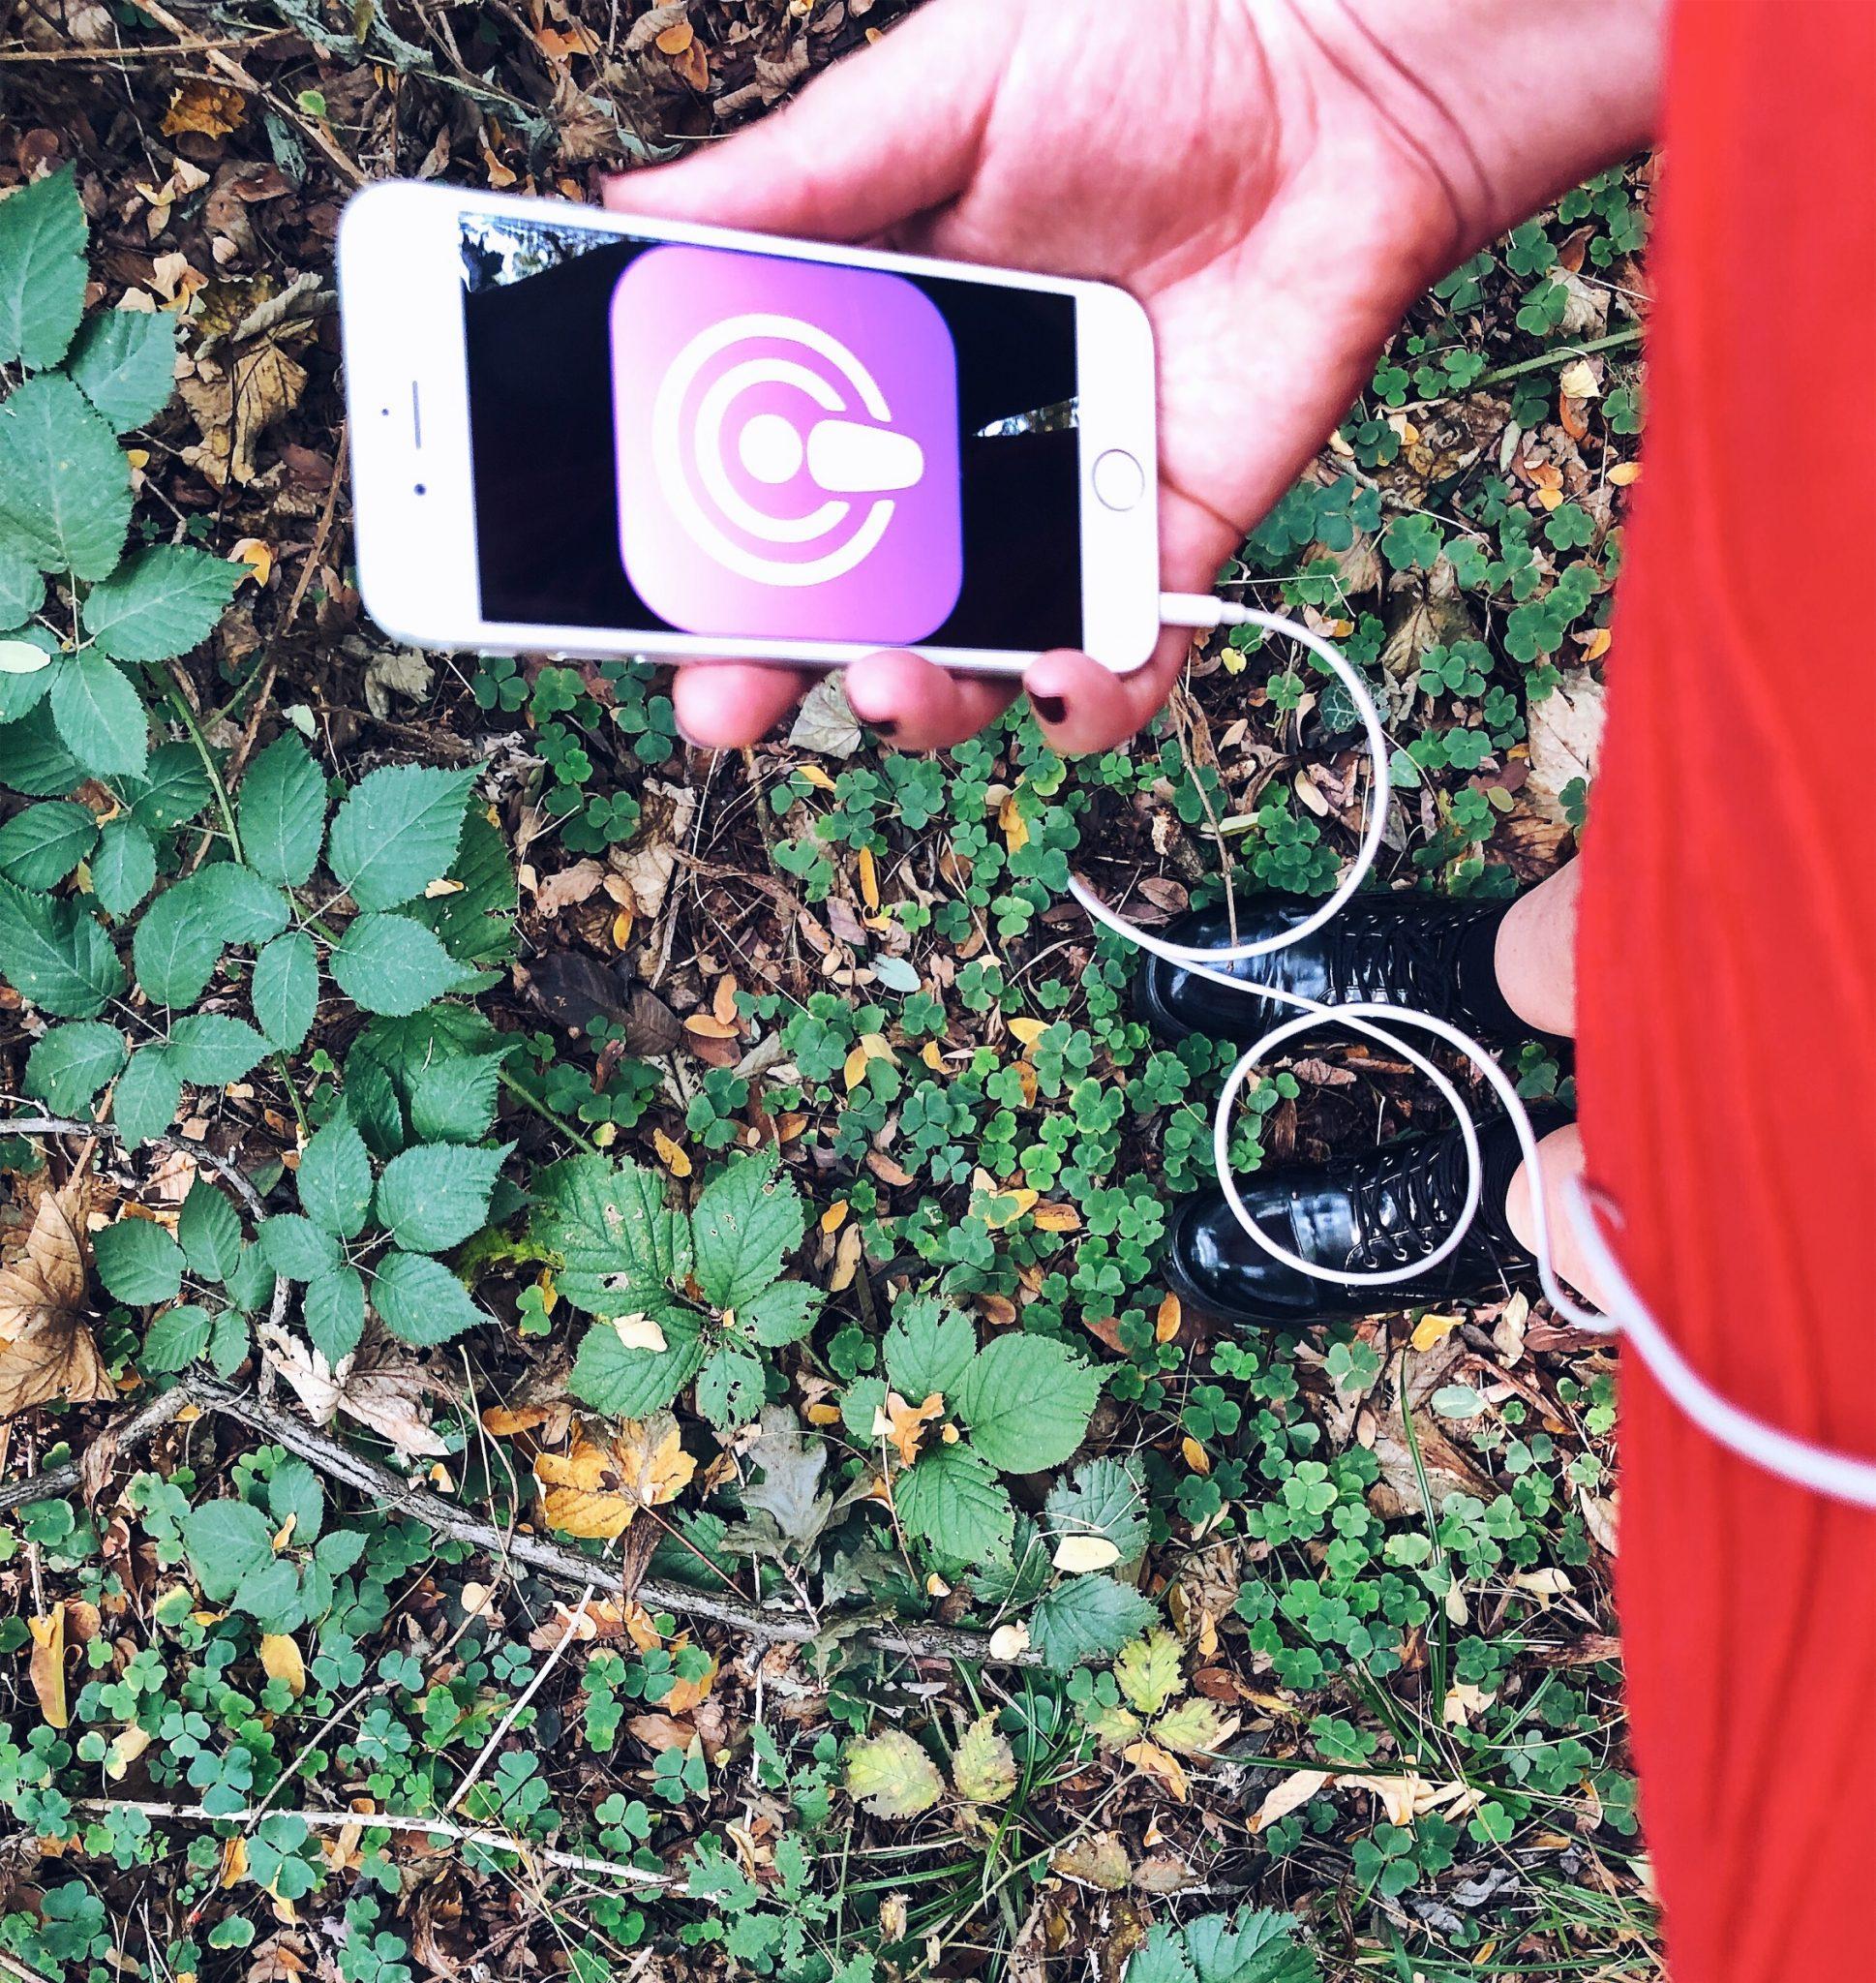 I 5 migliori podcast italiani di crescita personale - donna in un bosco con smartphone in mano e cuffie - tatianaberlaffa.com